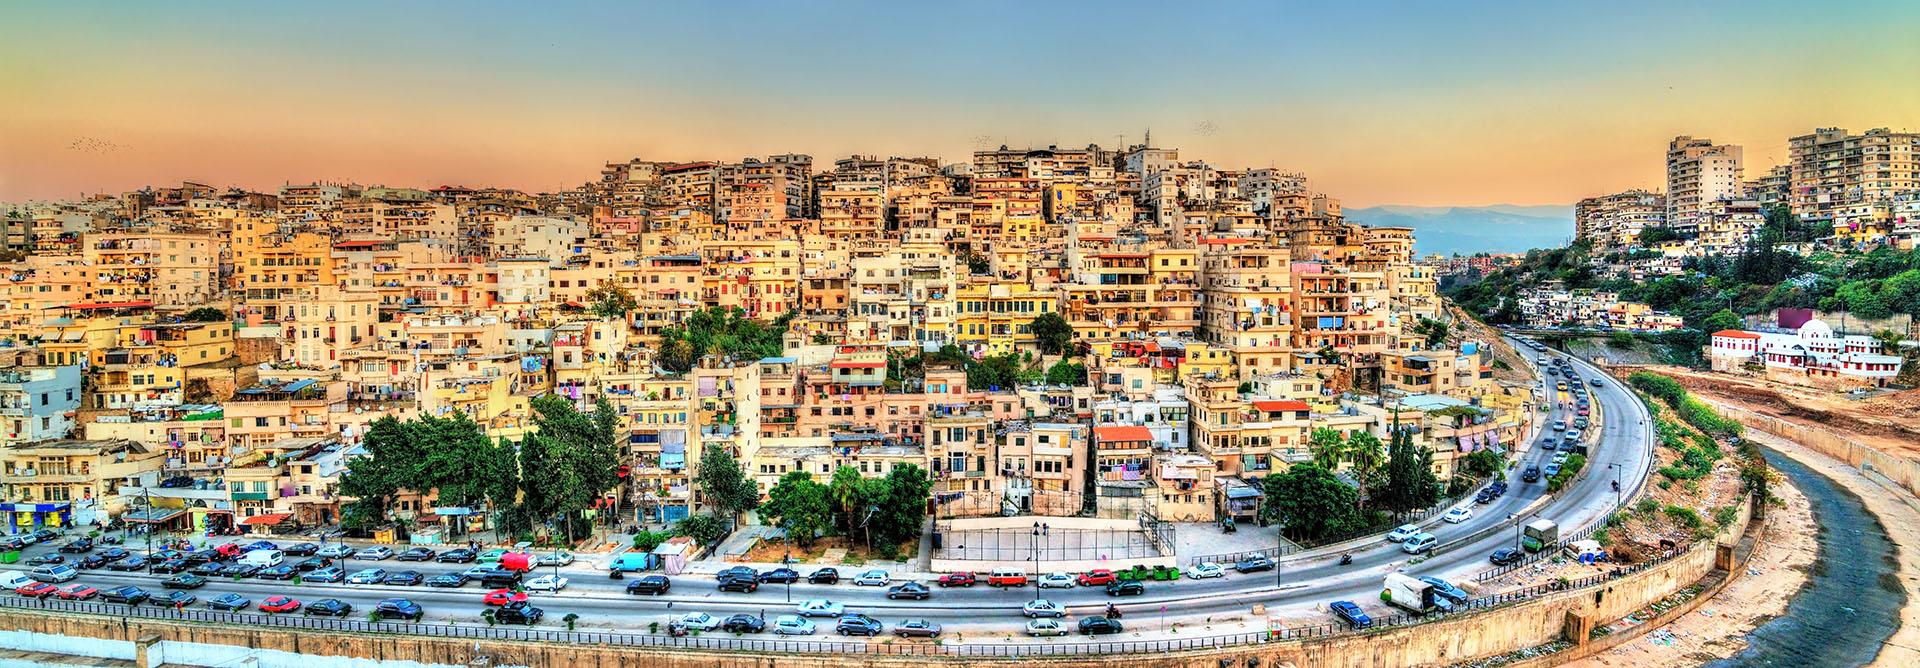 Trípoli es la capital y la ciudad más poblada de Libia. Su nombre, etimológicamente, procede del griego Tri polis: tres ciudades